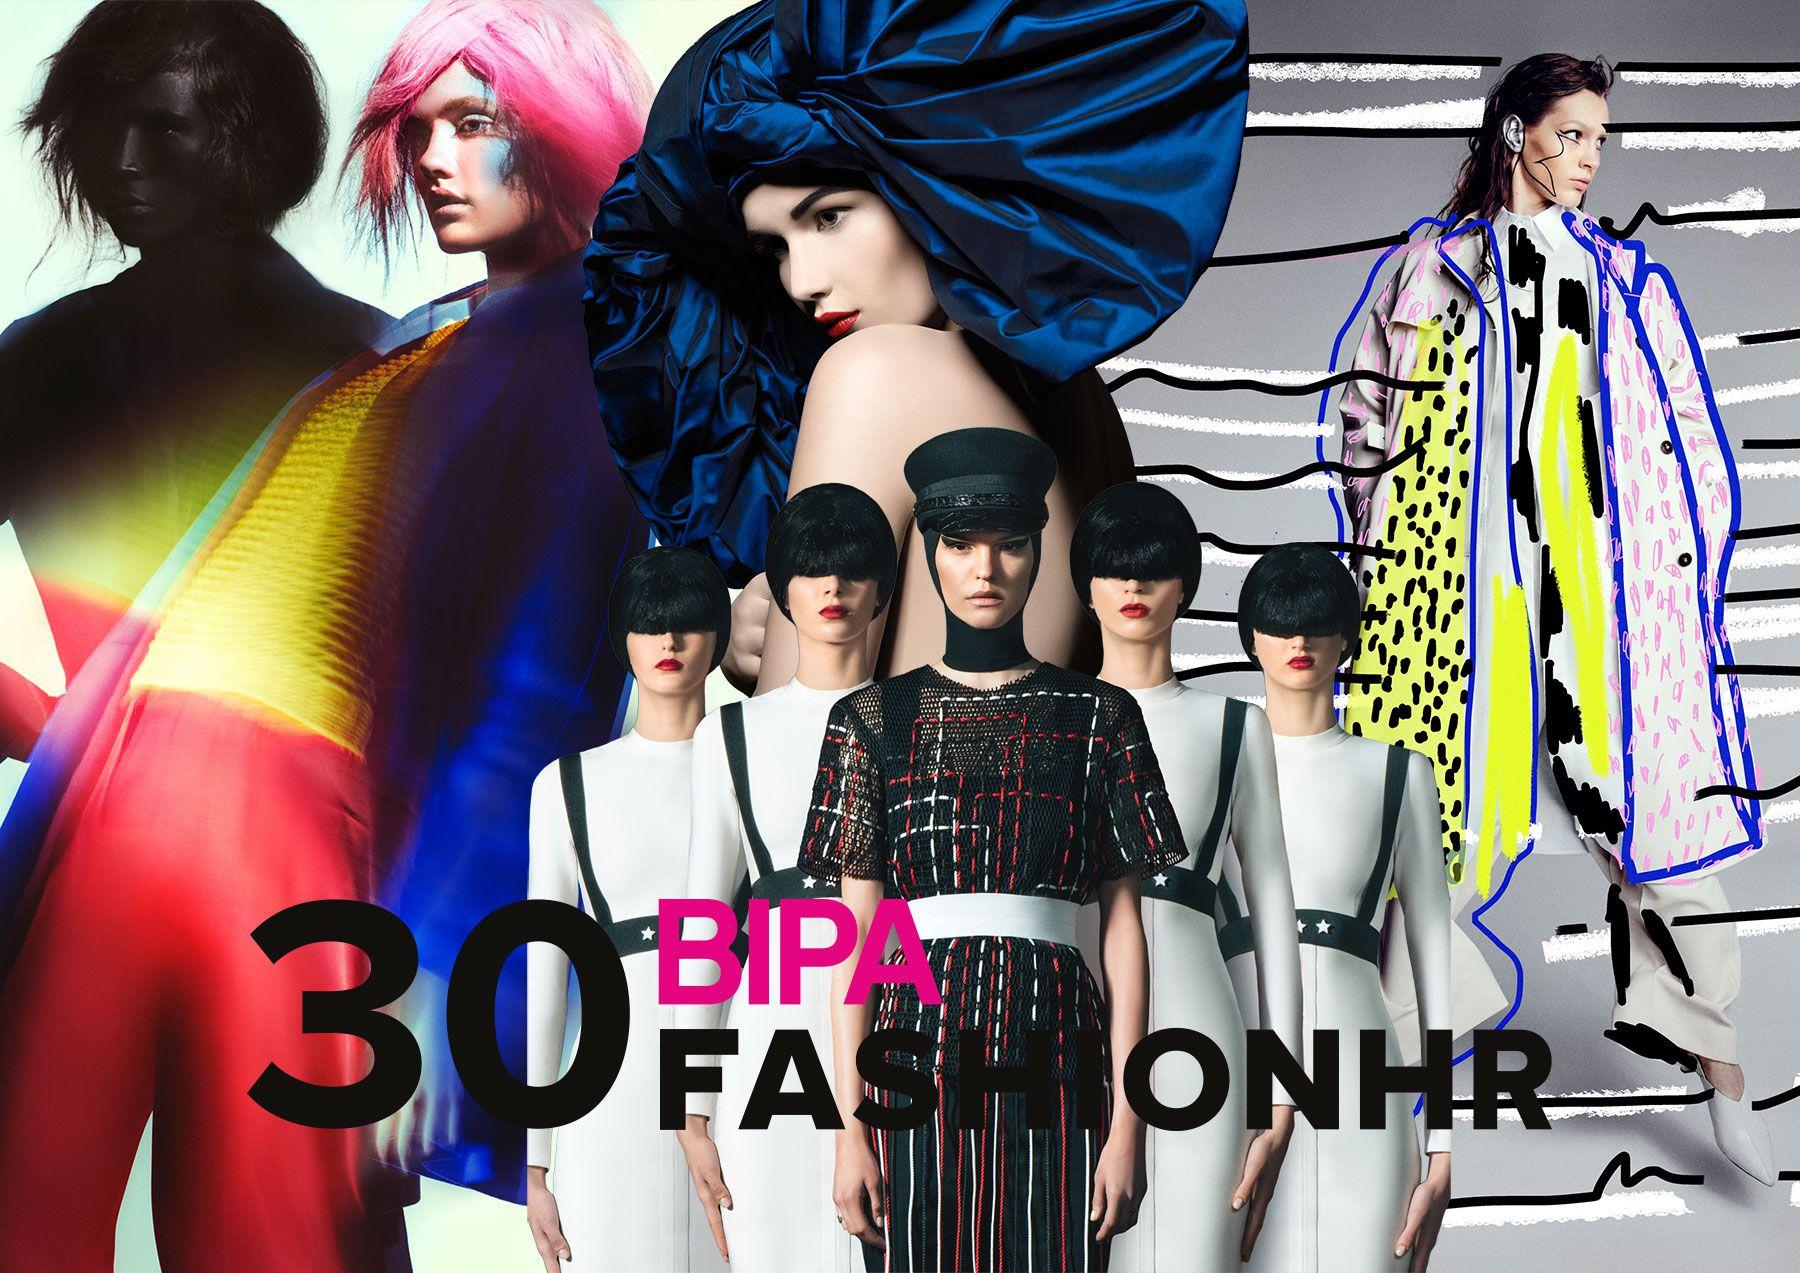 Velika proslava jedne modne ere donosi potpuno drugačiji Bipa FASHION.HR